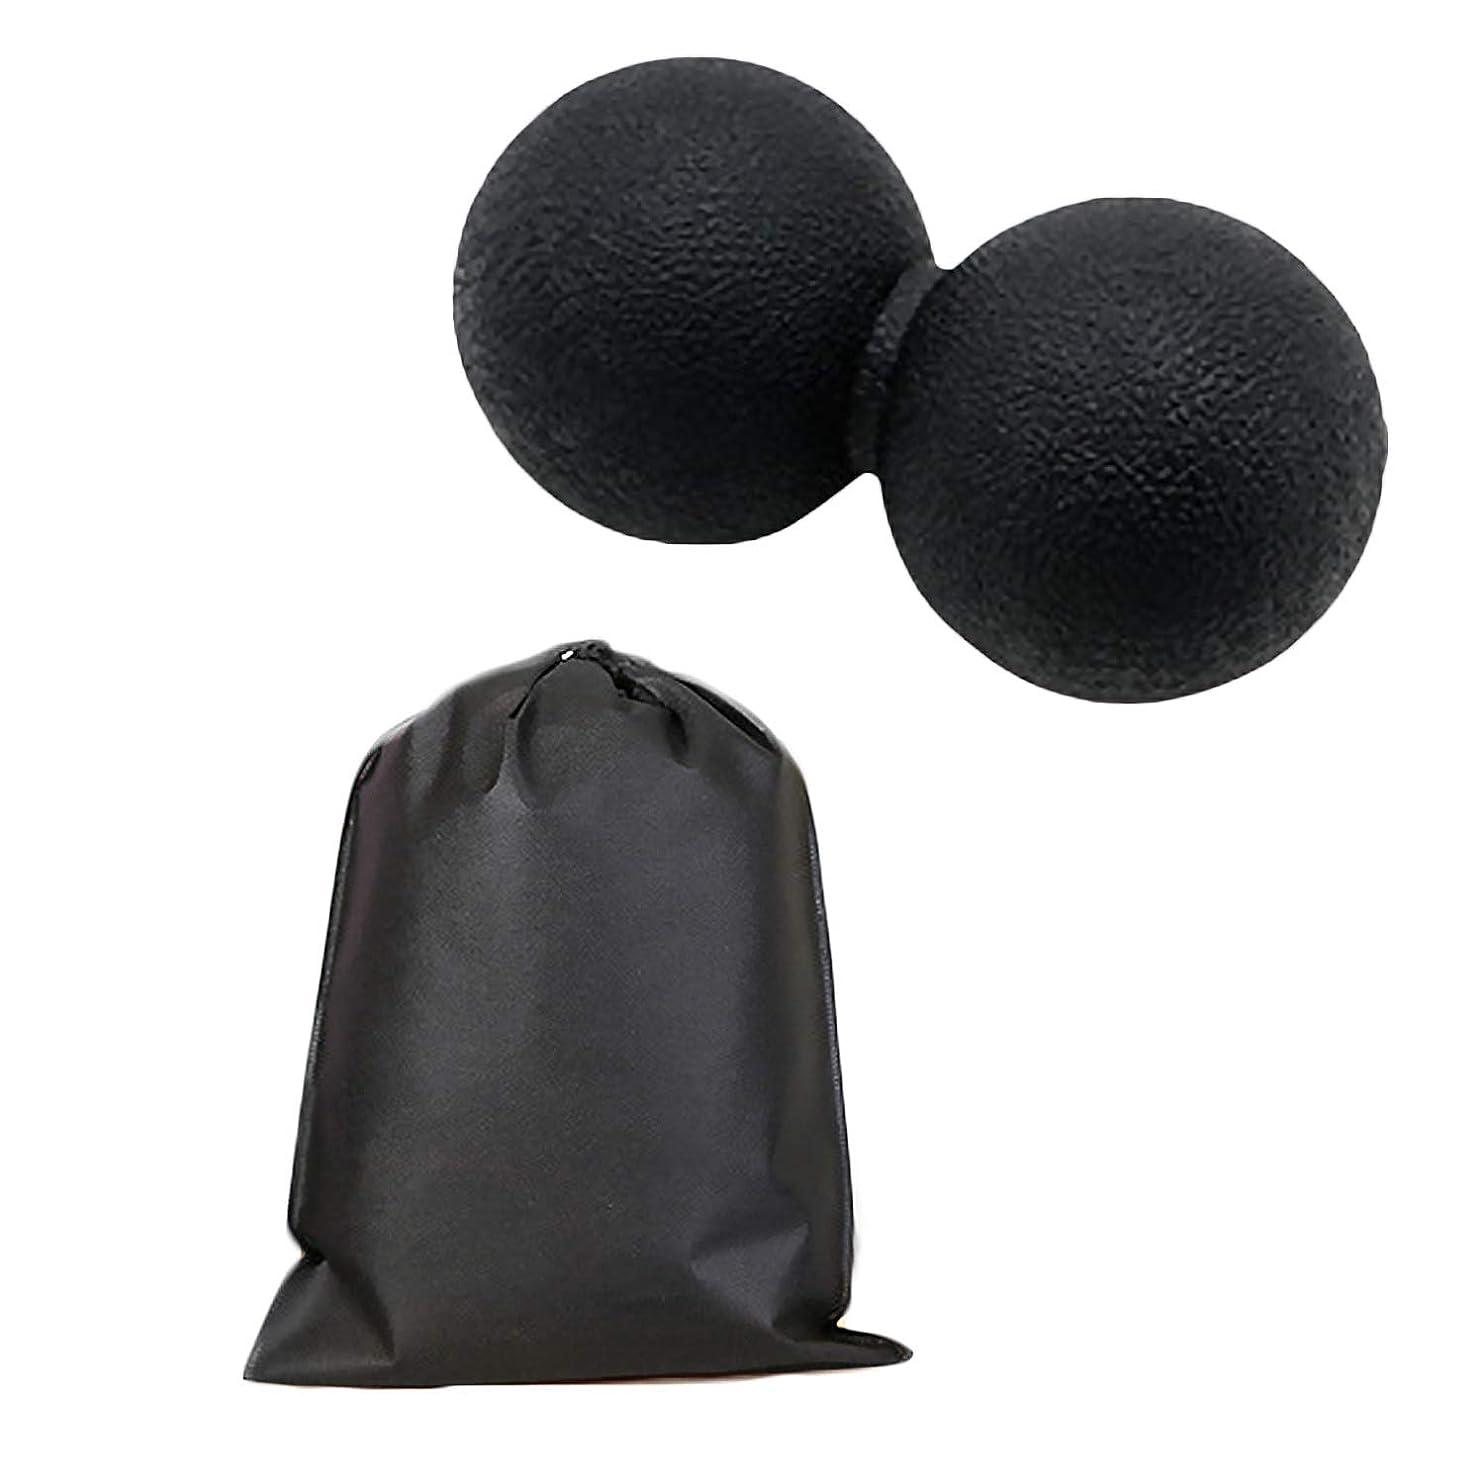 印象凶暴なガレージMigavan マッサージボールローラーバックマッサージボール収納袋が付いているピーナツマッサージのローラーボールのマッサージャー